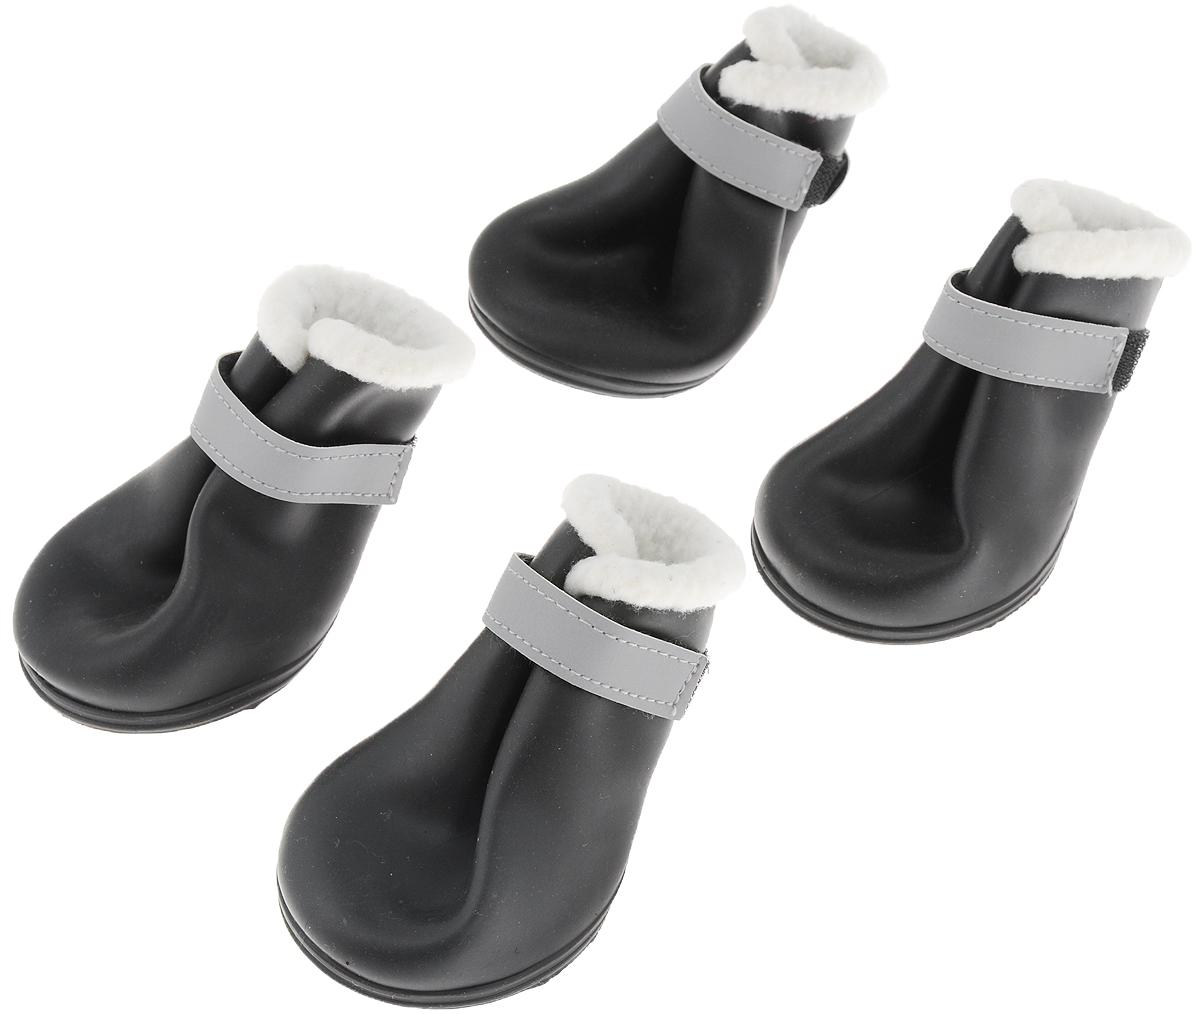 Сапоги резиновые для собак  Triol , утепленные, унисекс. Размер S - Одежда, обувь, украшения